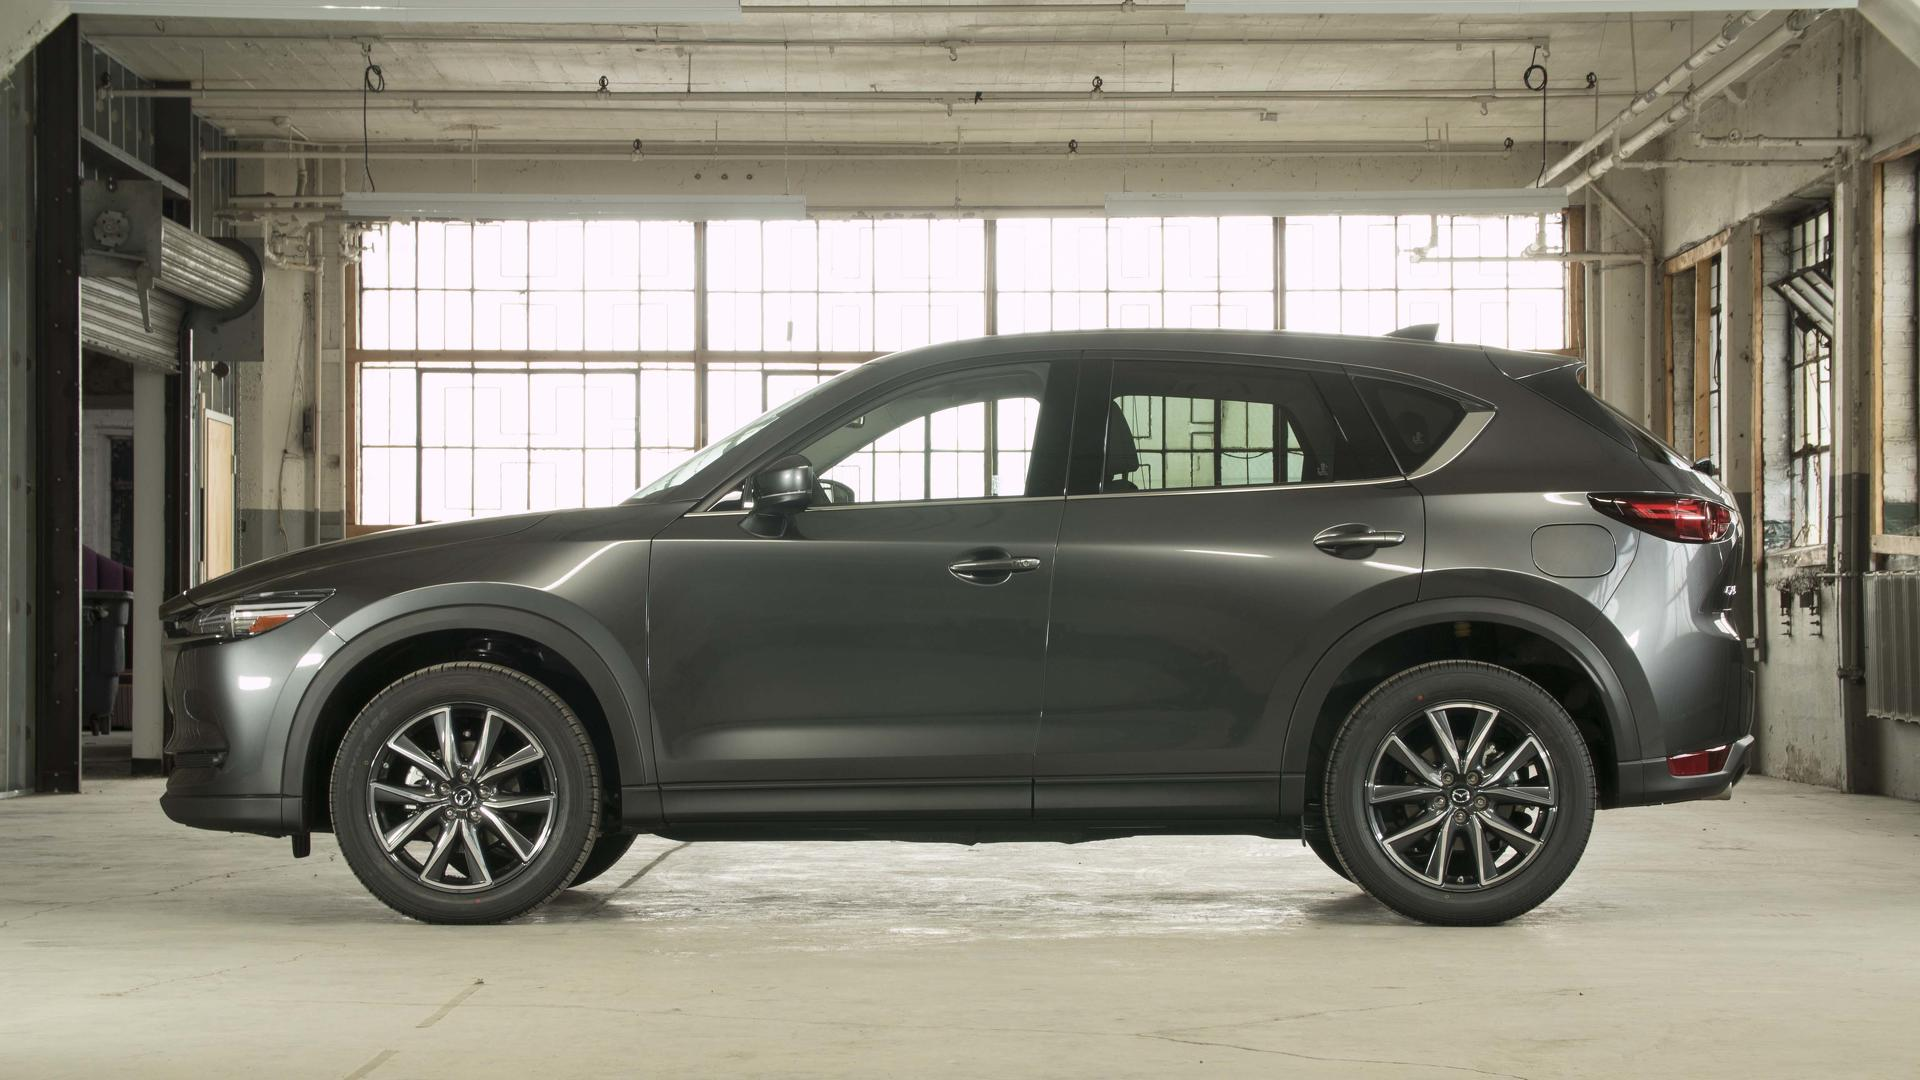 2017 Mazda CX-5 | Why Buy?